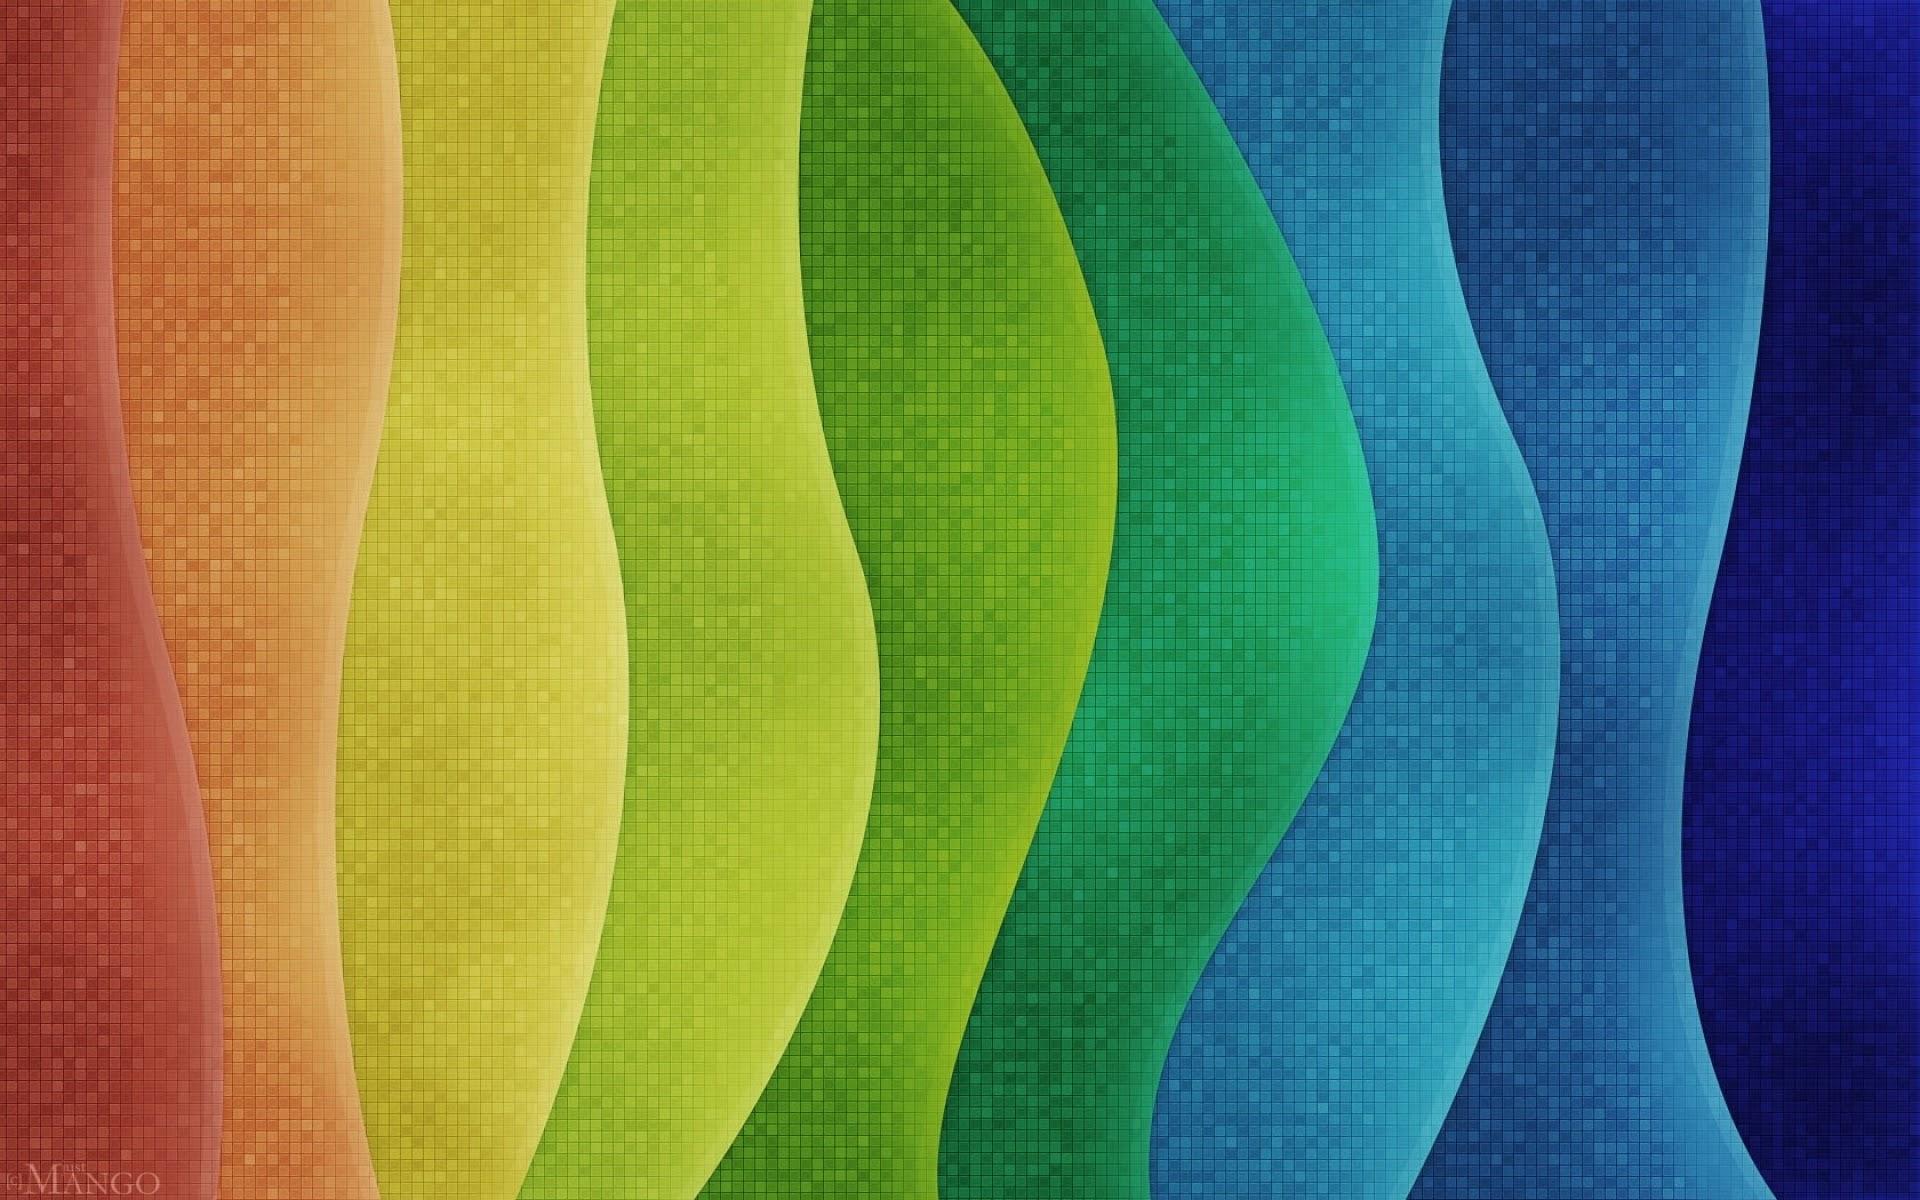 ws_mosaic_rainbow_tiles_curves_1920x1200